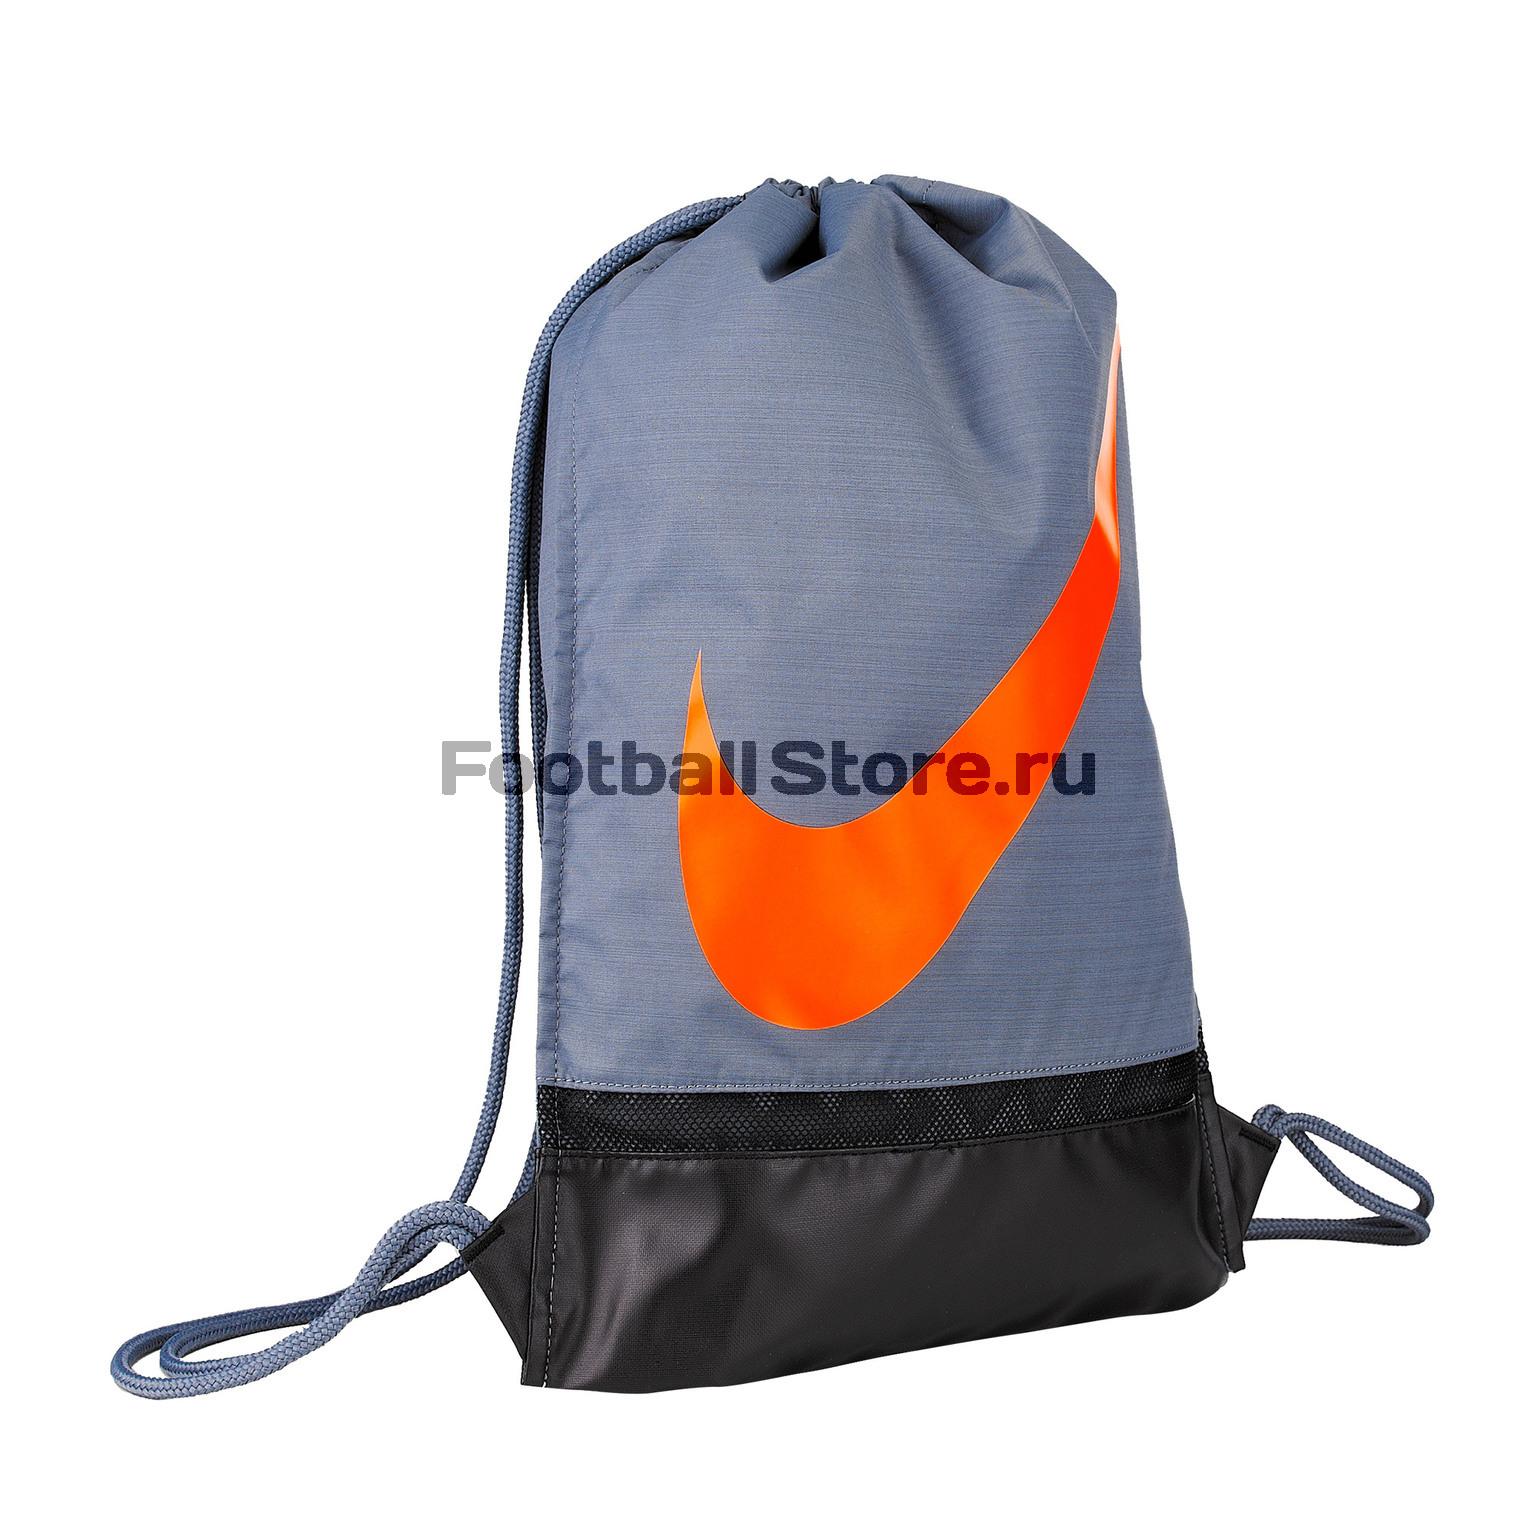 Сумка для обуви Nike Academy BA5424-490 сумка nike academy team l ba5506 410